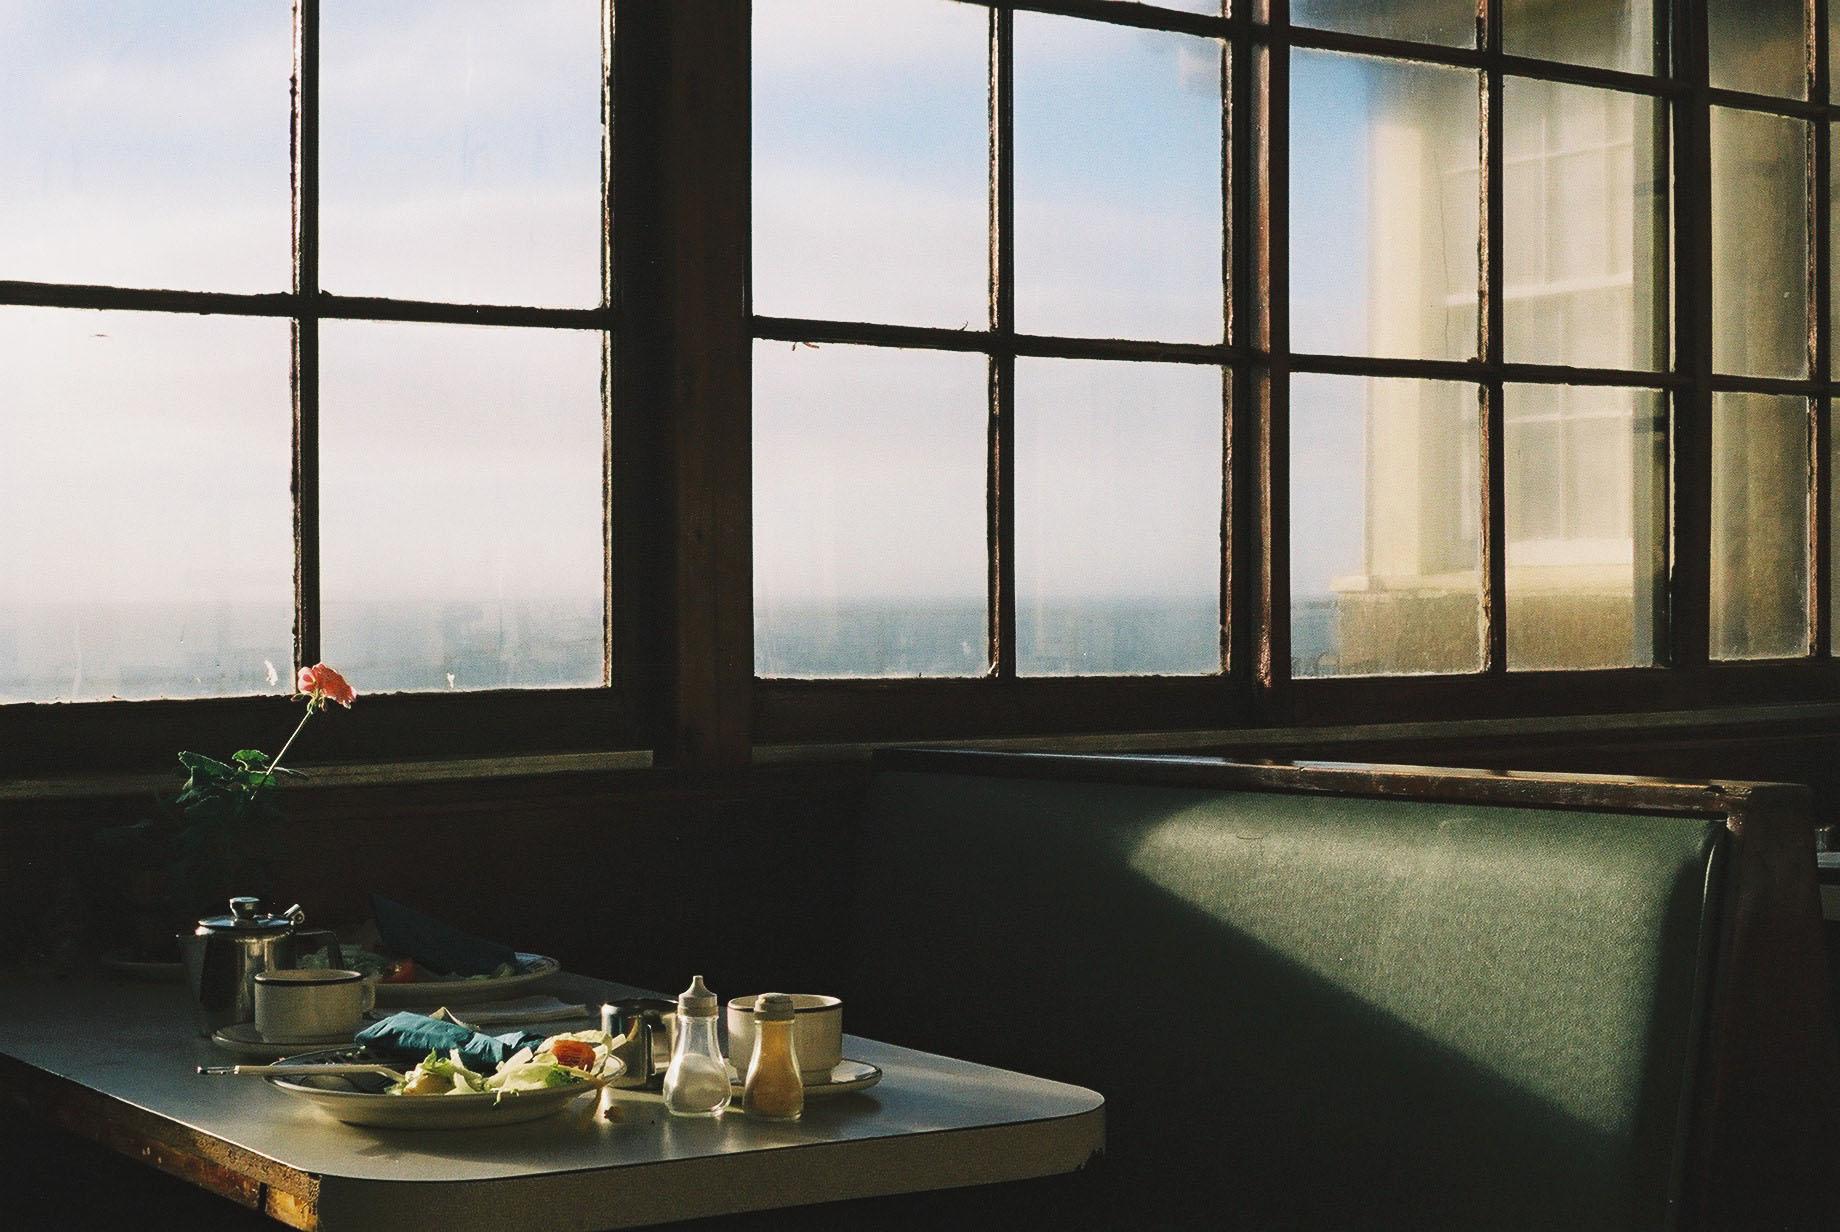 Sfondi 1840x1232 px fotografia ristorante finestra 1840x1232 wallpaperup 1306463 - La finestra ristorante ...